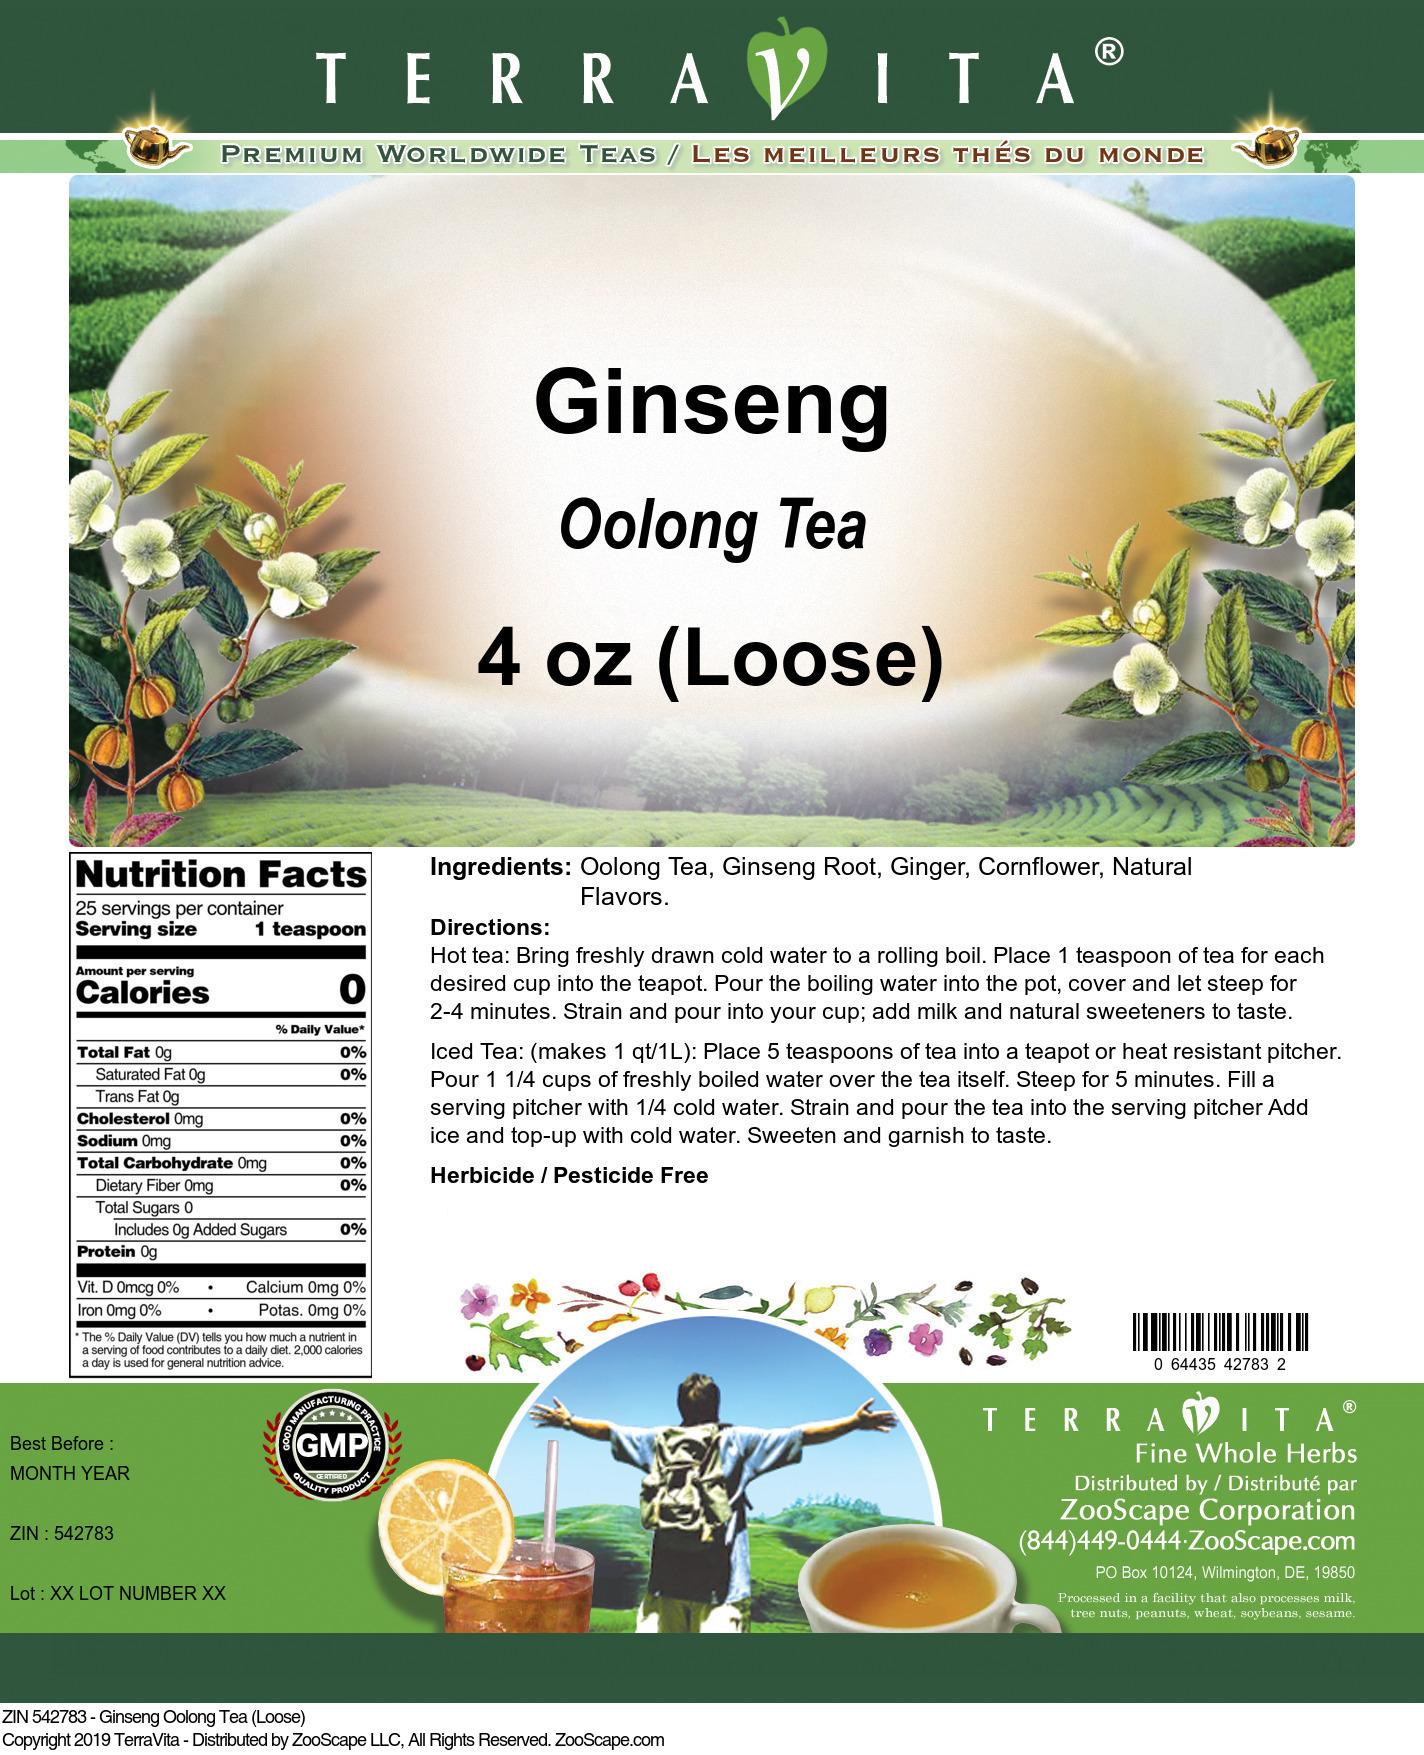 Ginseng Oolong Tea (Loose)